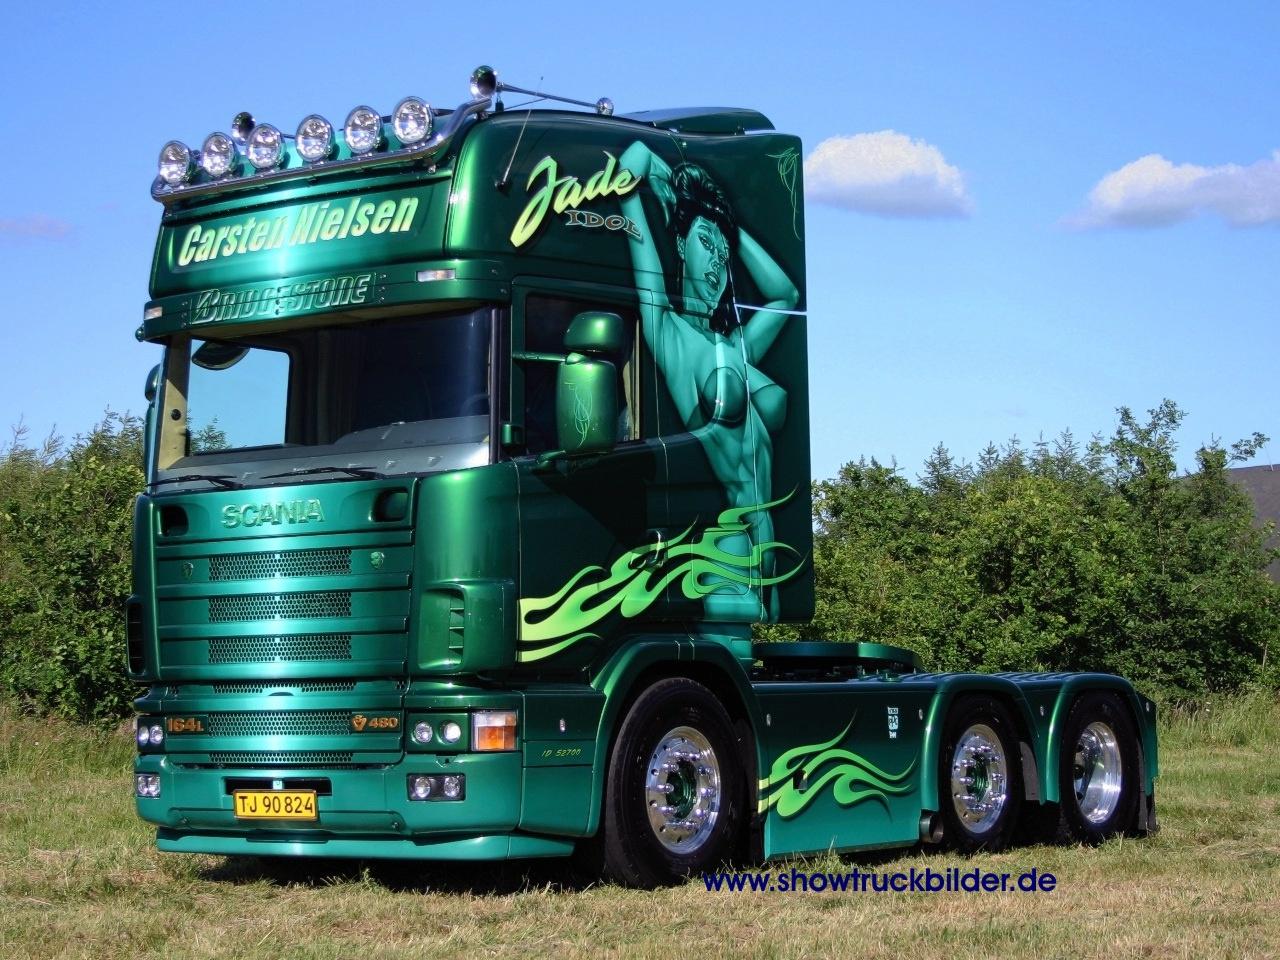 HQ green trailer Scania Trucks Wallpaper Num 66 1280 x 960 4926 Kb 1280x960